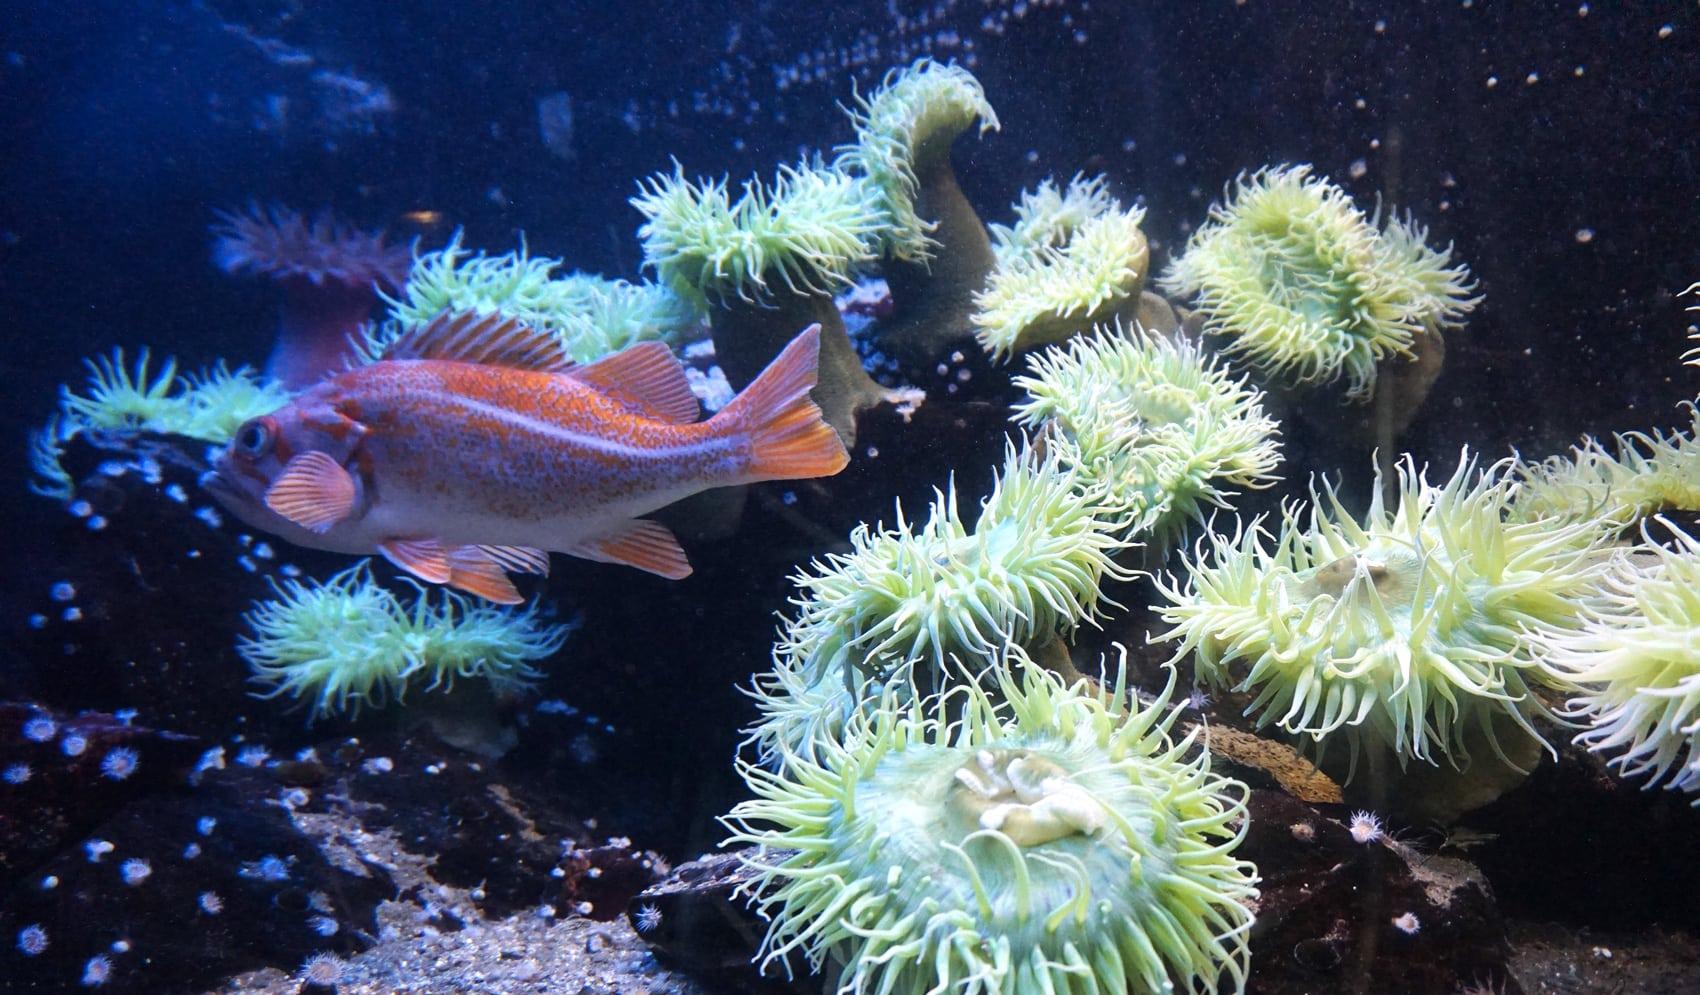 Aquarium Saint-Malo